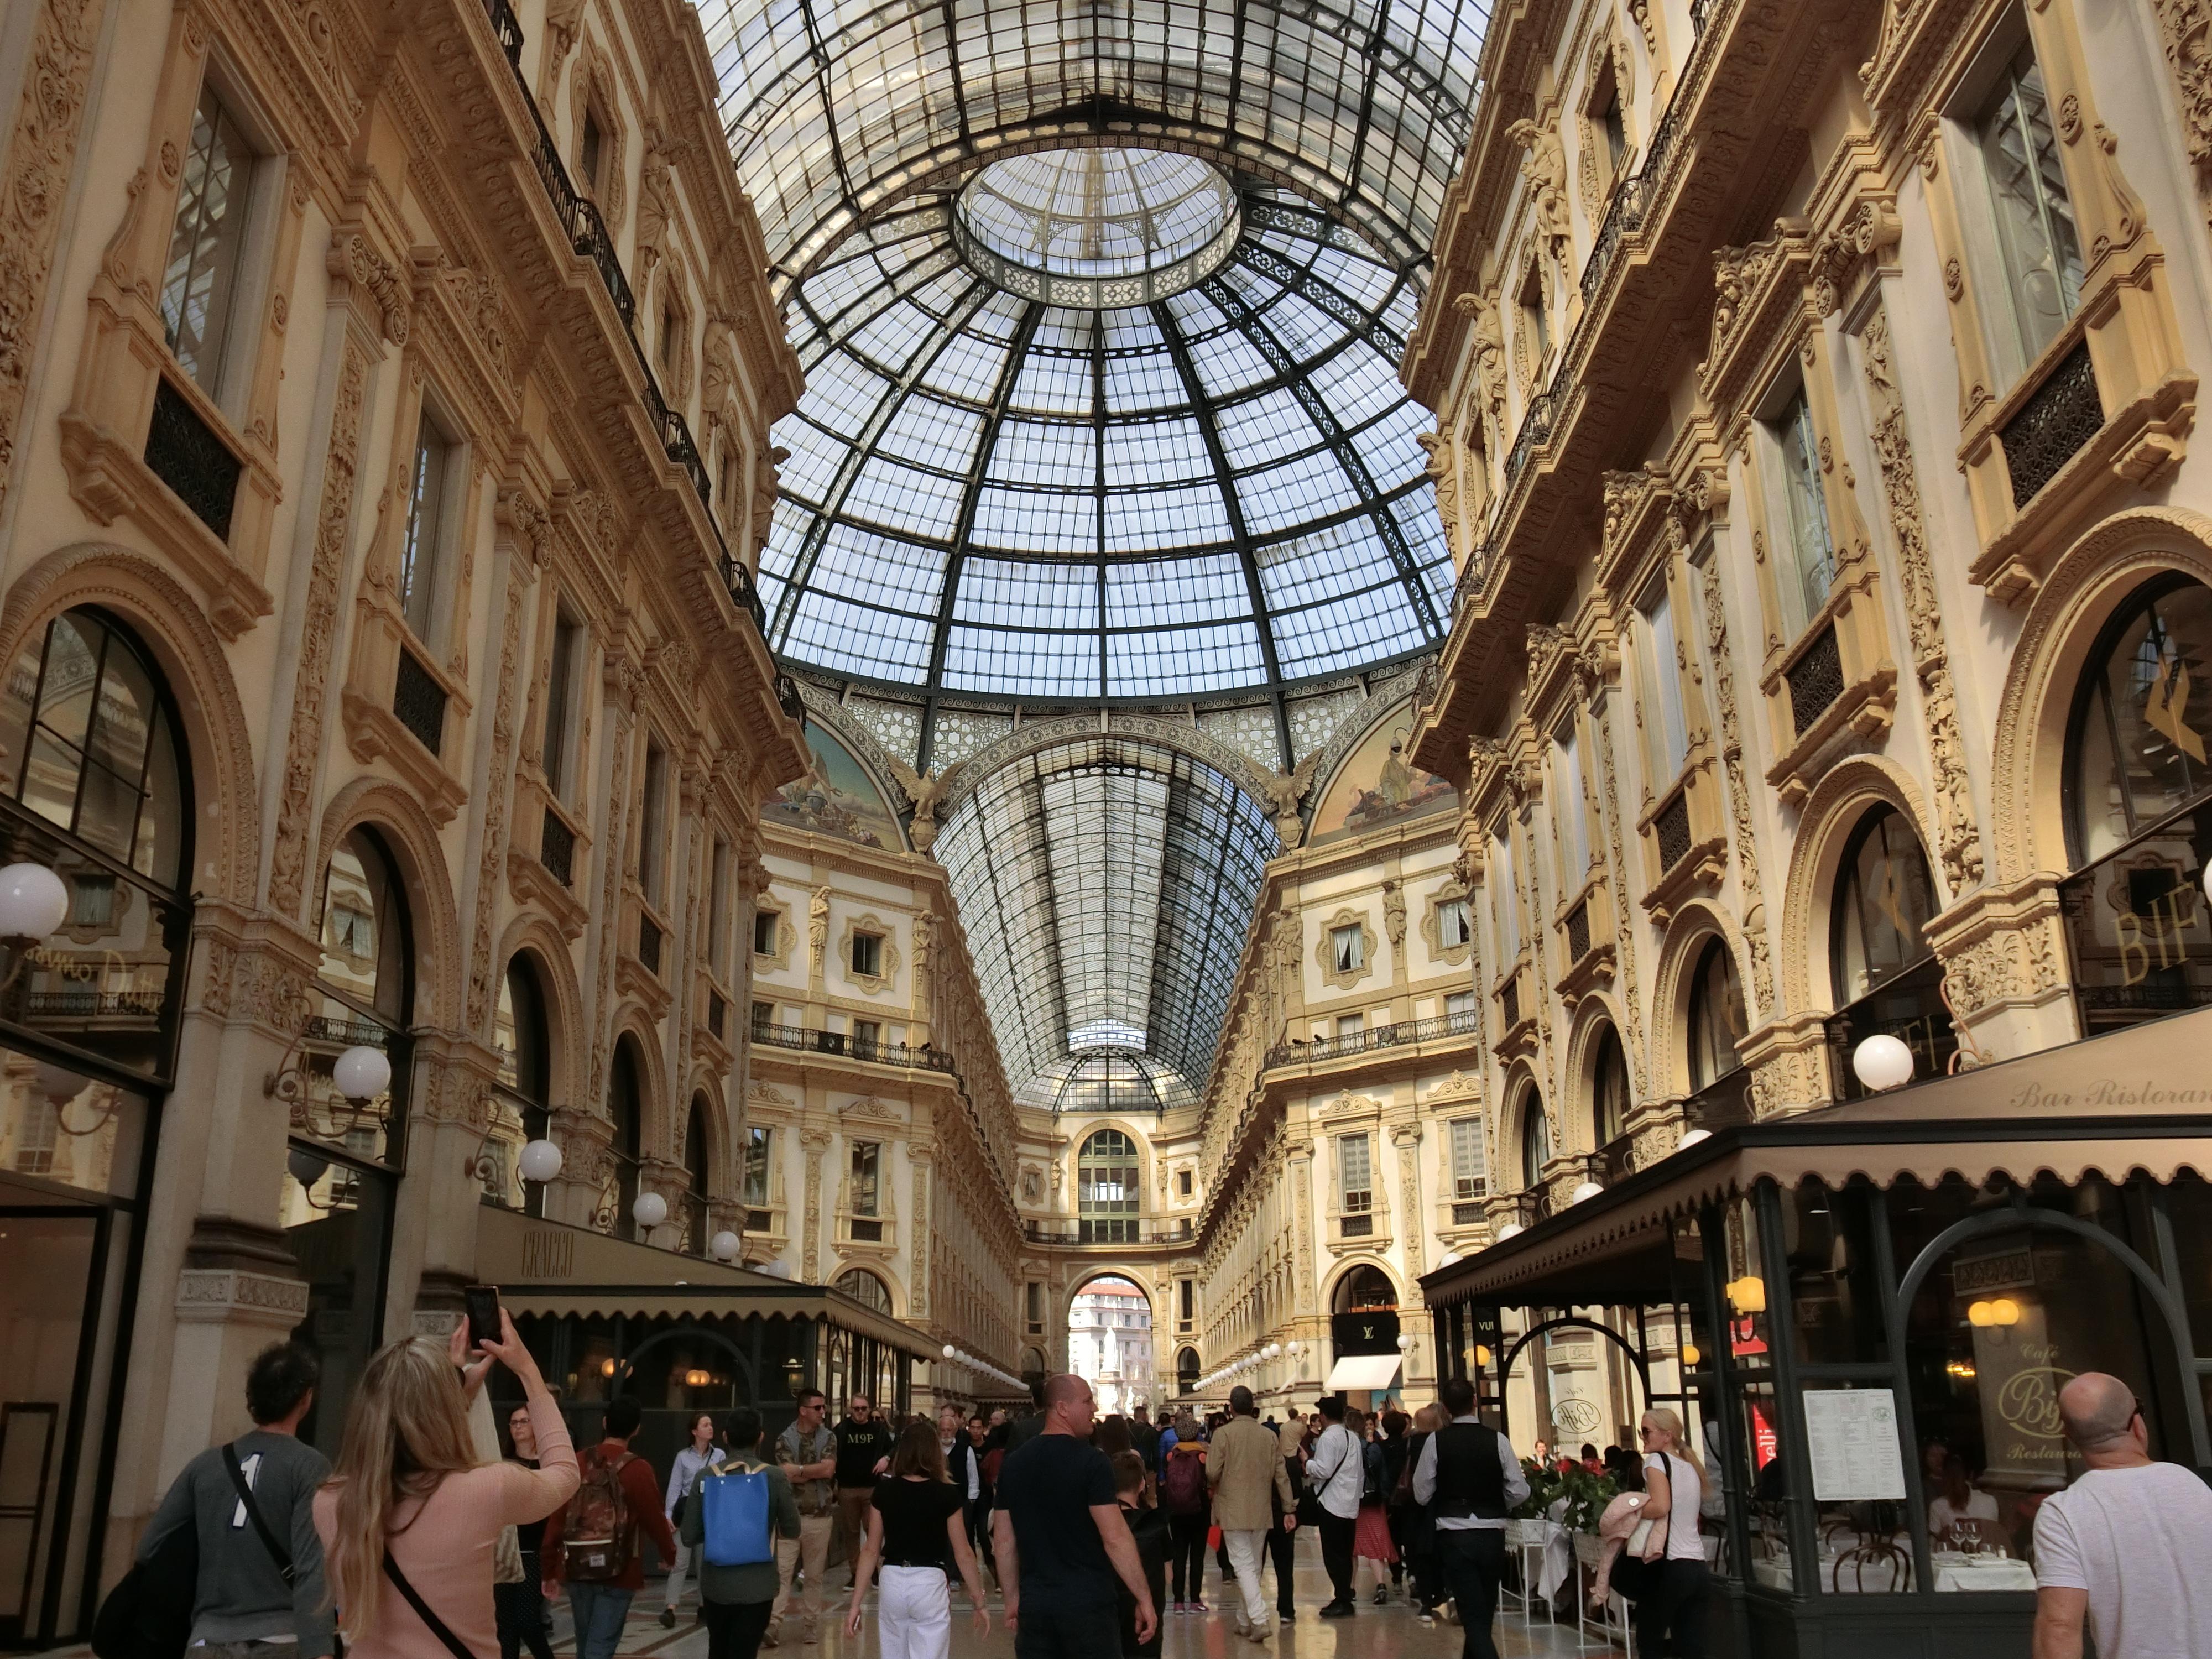 米蘭-義大利之旅的起點與終點2019 – Rong